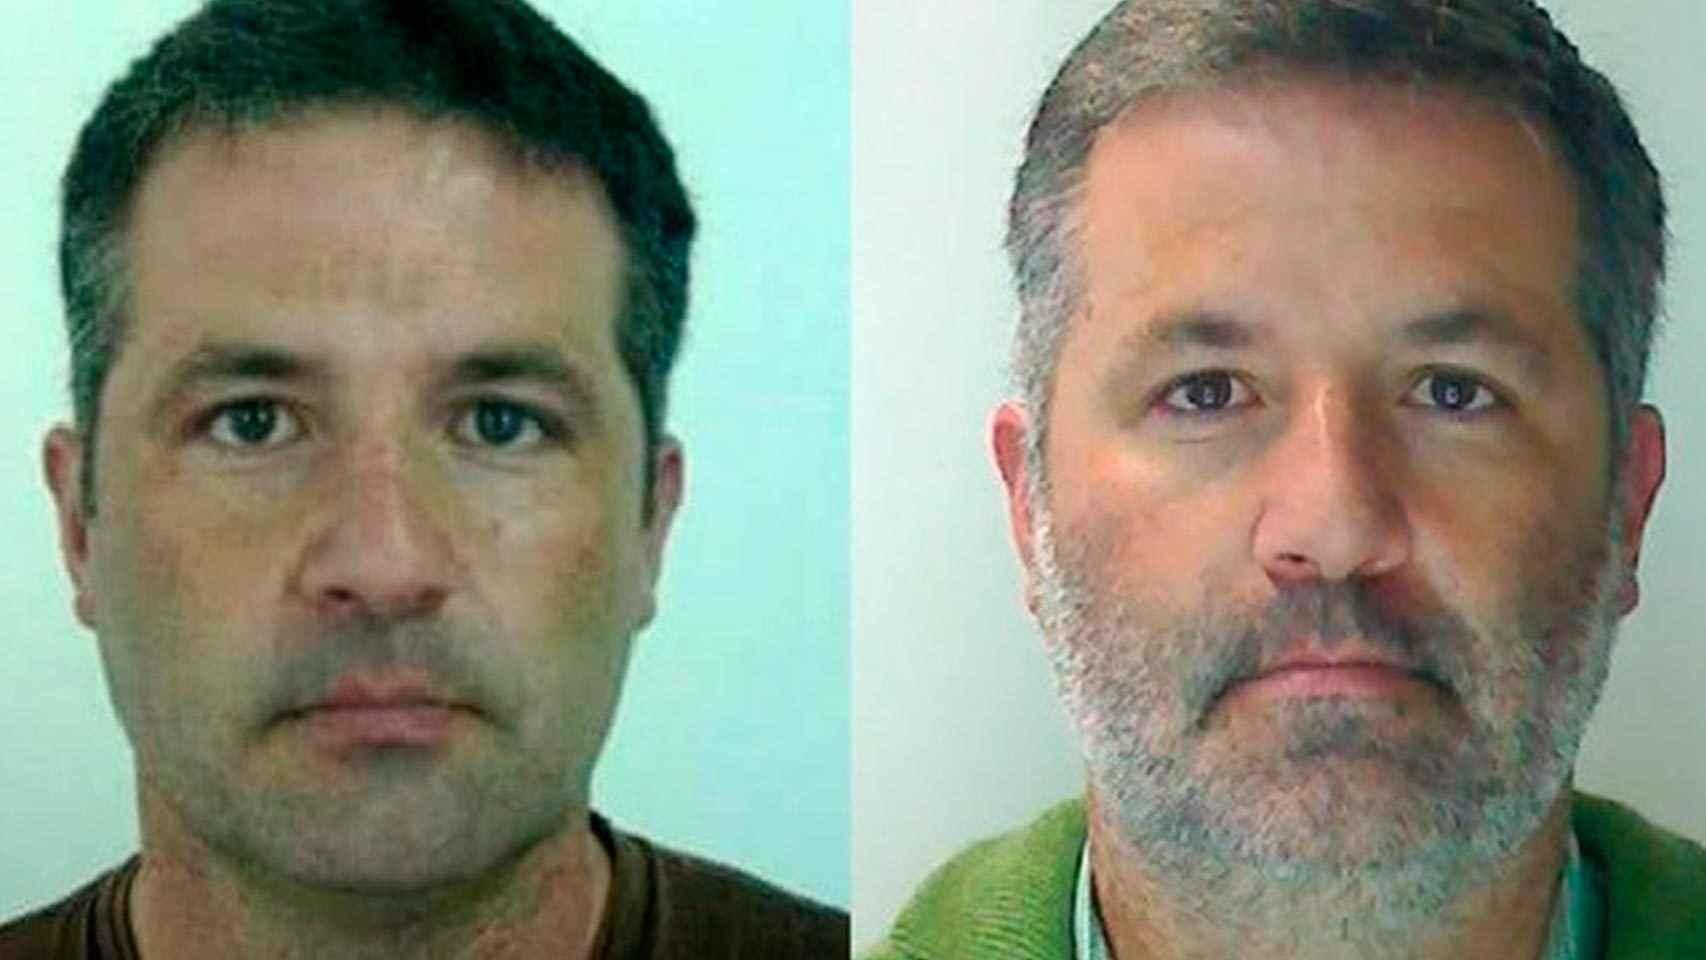 Pedro Dias es sospechoso de la muerte de dos personas.